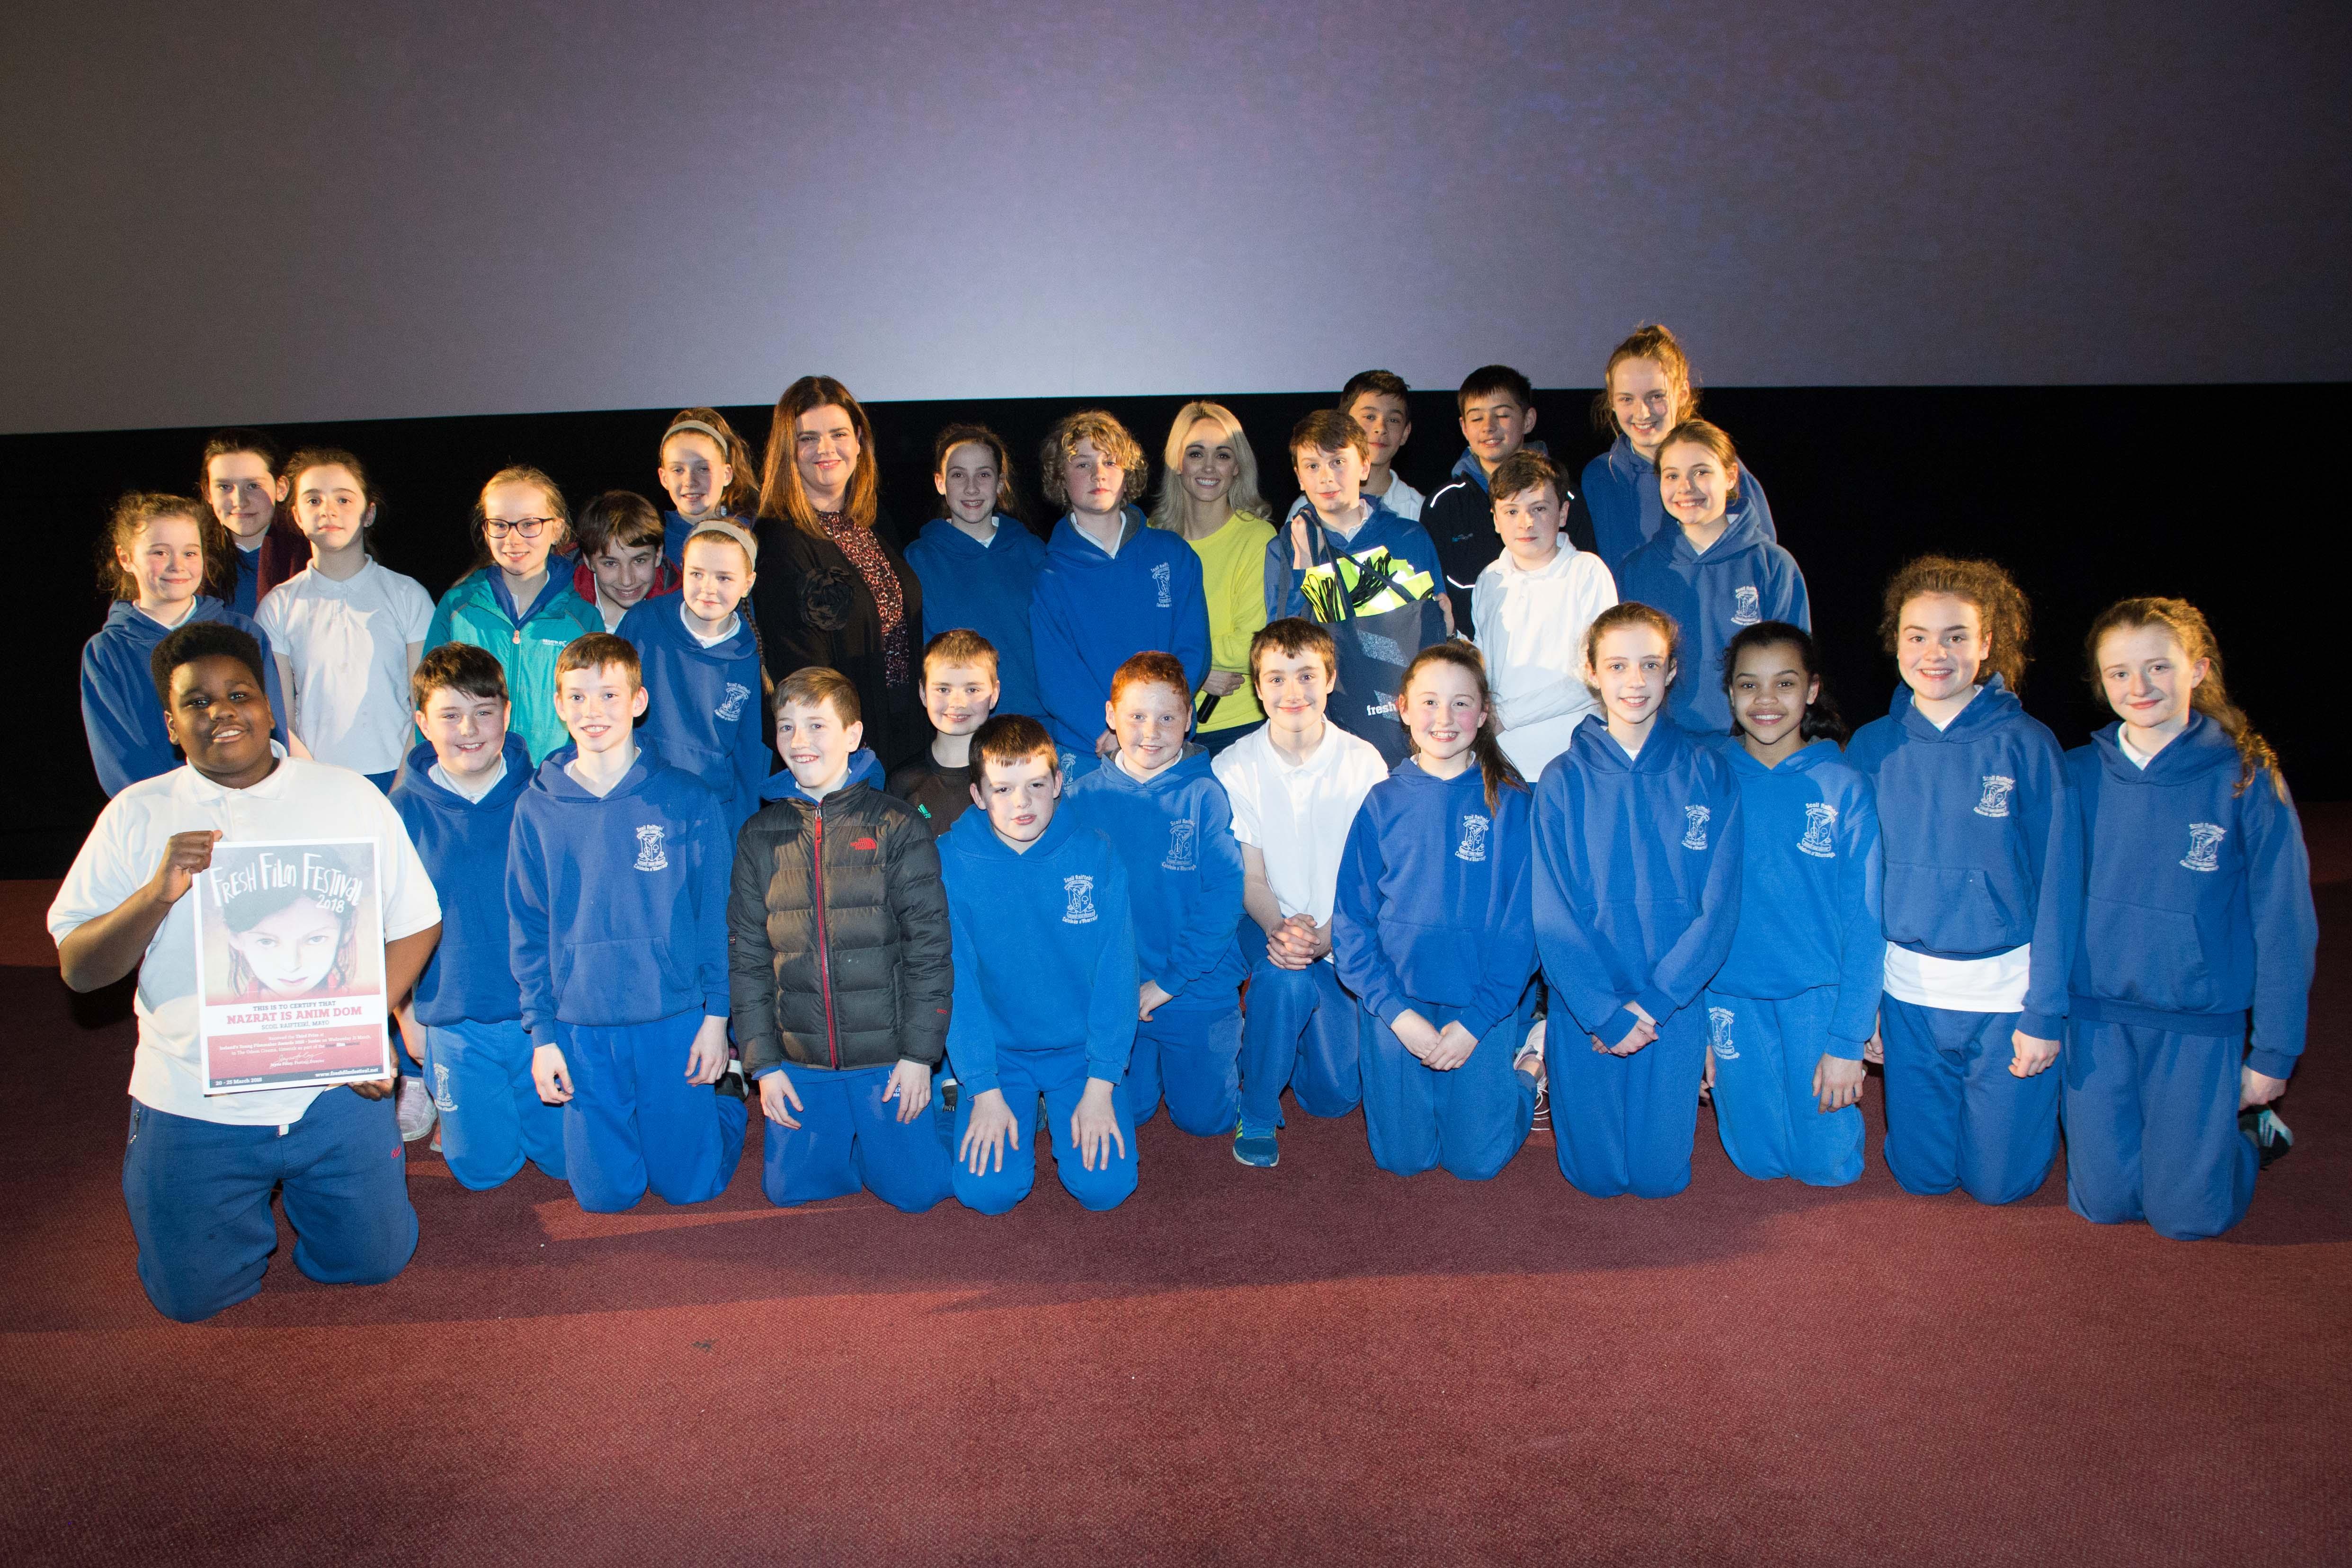 Irelands Young Filmmaker of the Year 2018 Junior Finals